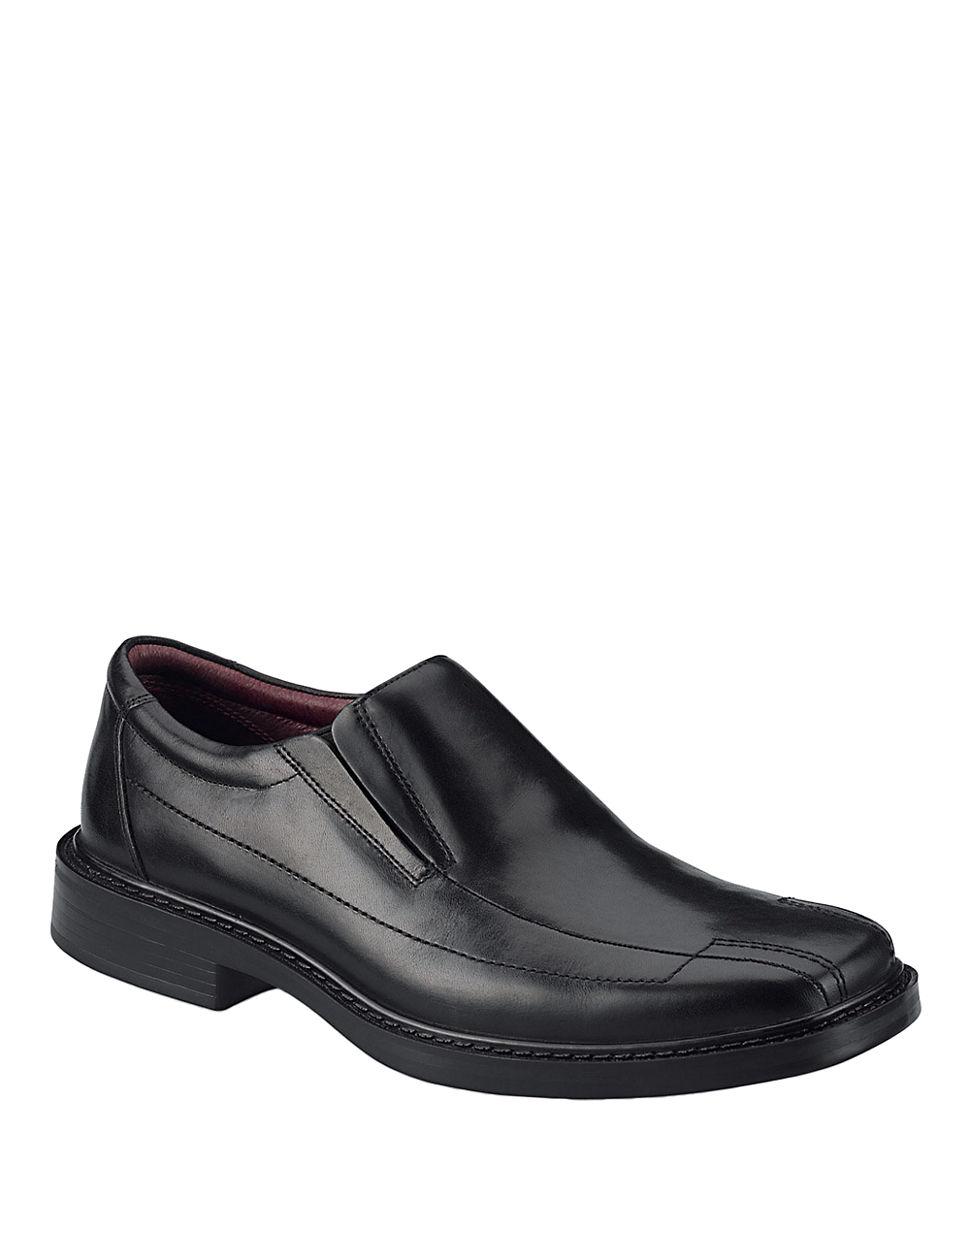 BOSTONIAN Capi black Size 9